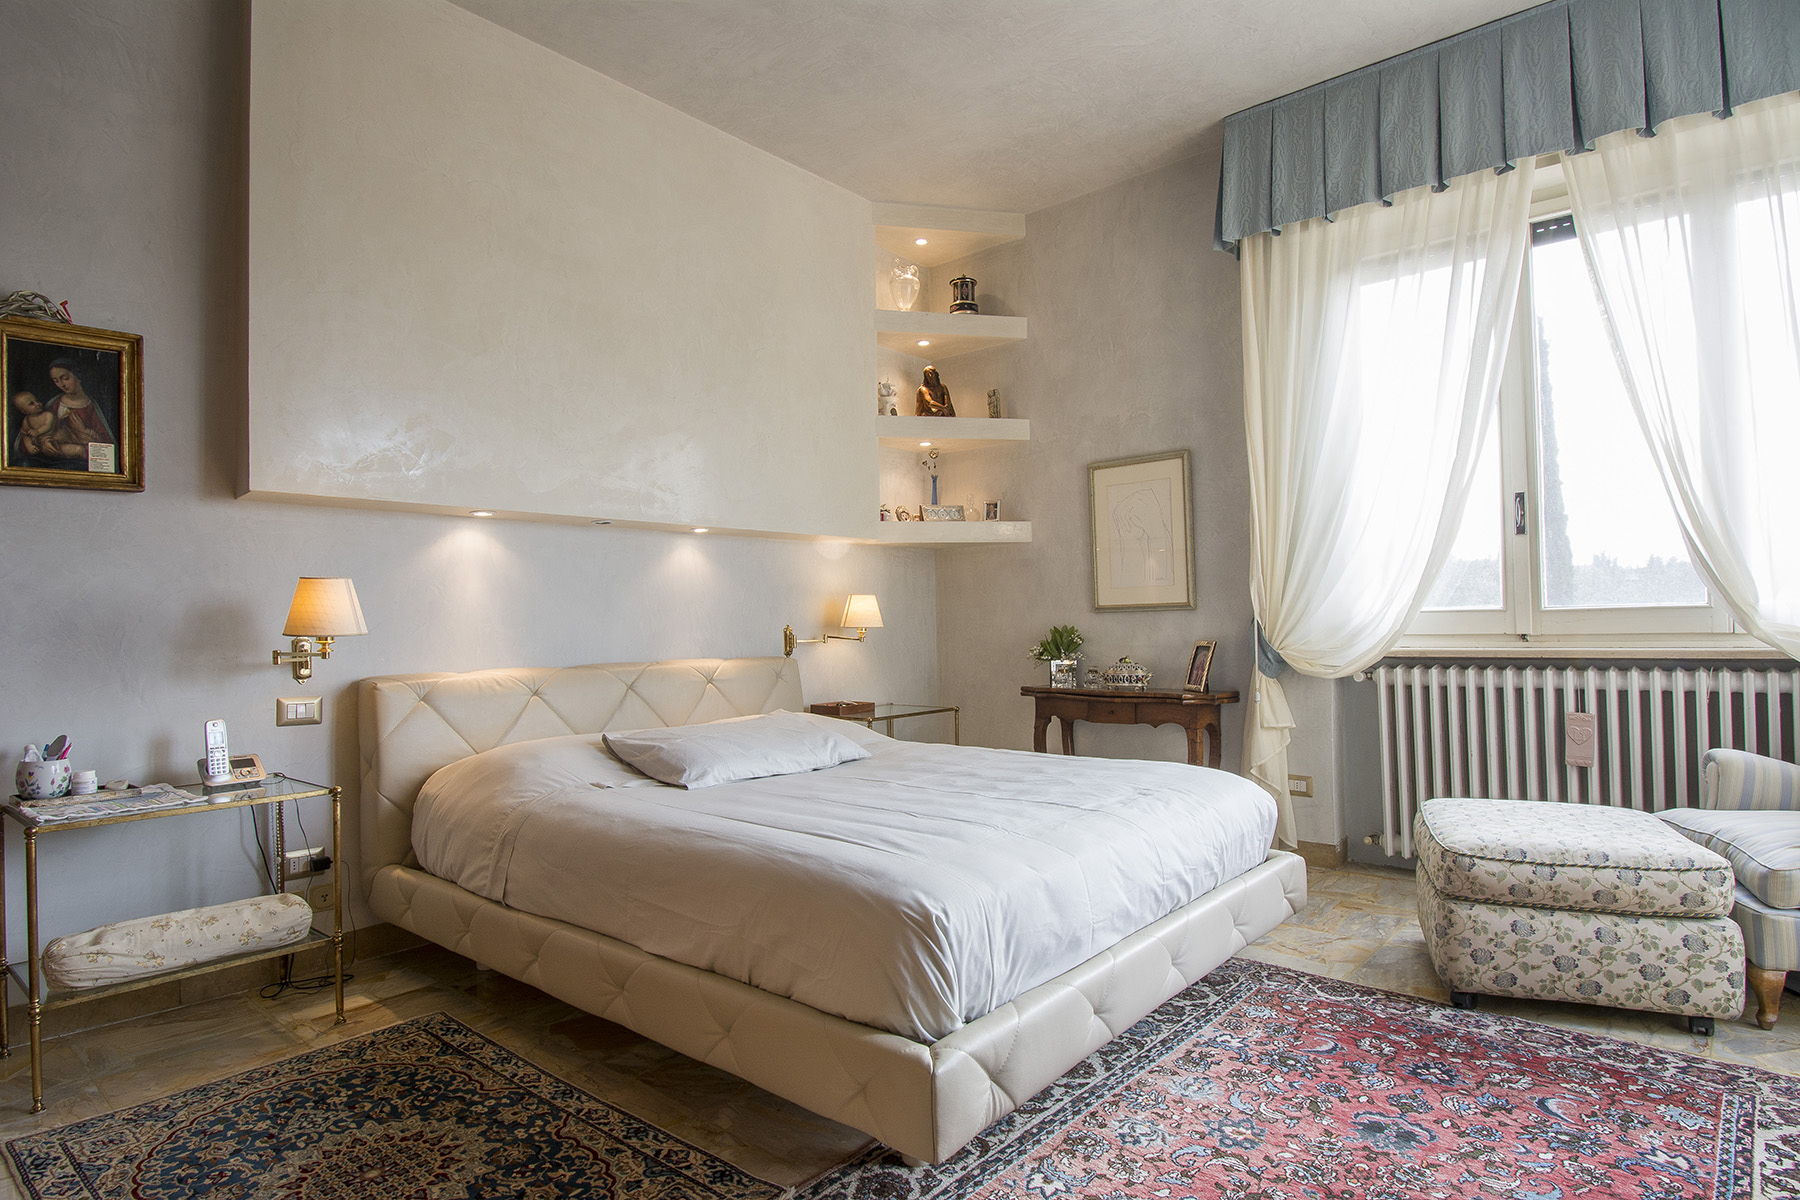 Villa in Vendita a Firenze: 5 locali, 364 mq - Foto 11